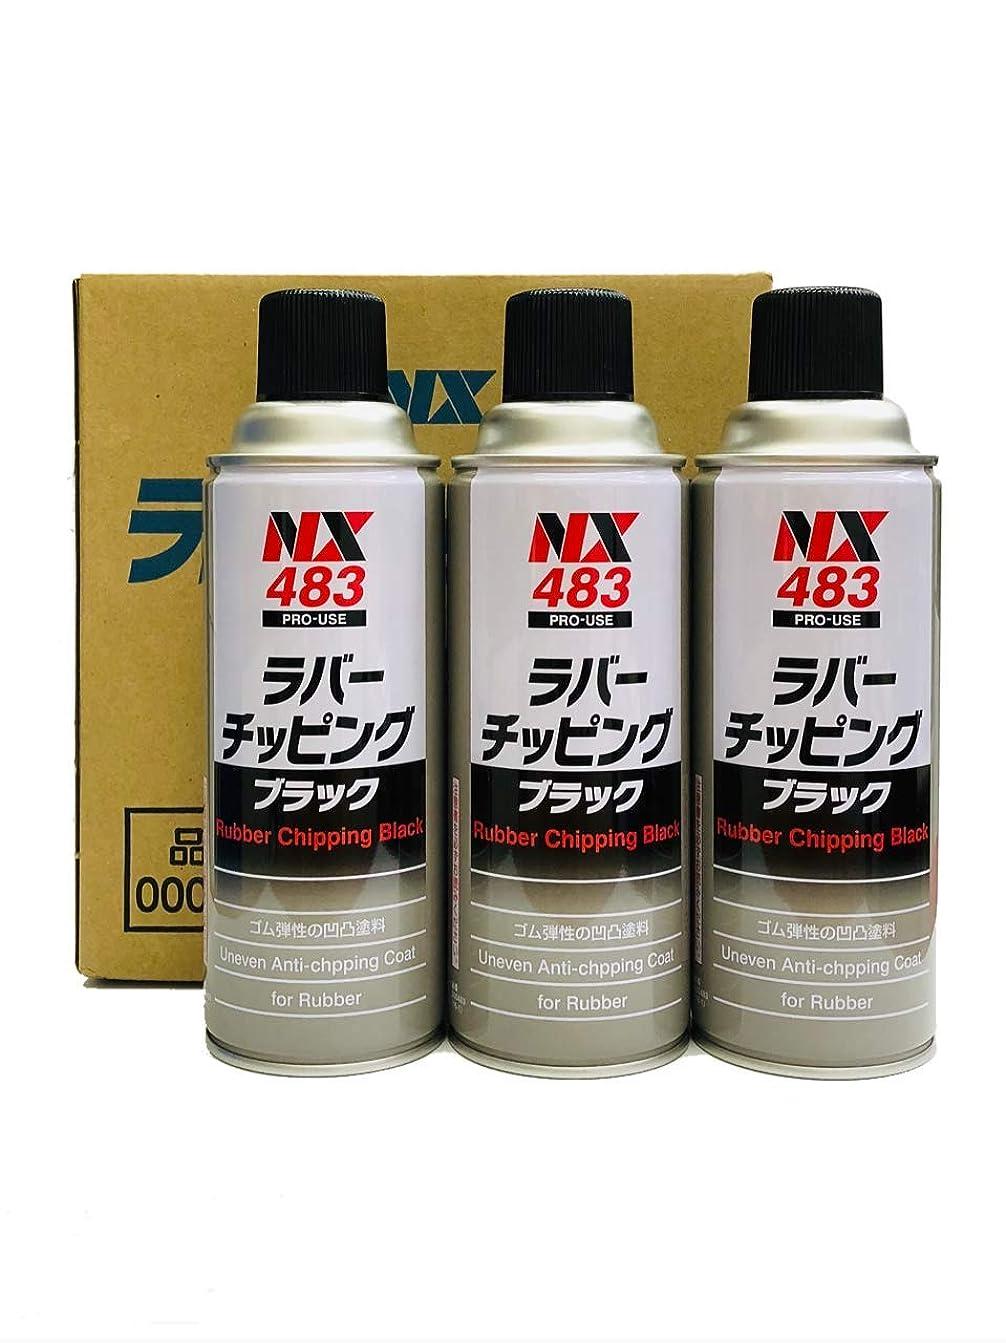 散らす全員寄付するタイホーコーザイ ラバーチッピング ブラック NX483 420ML 3本組